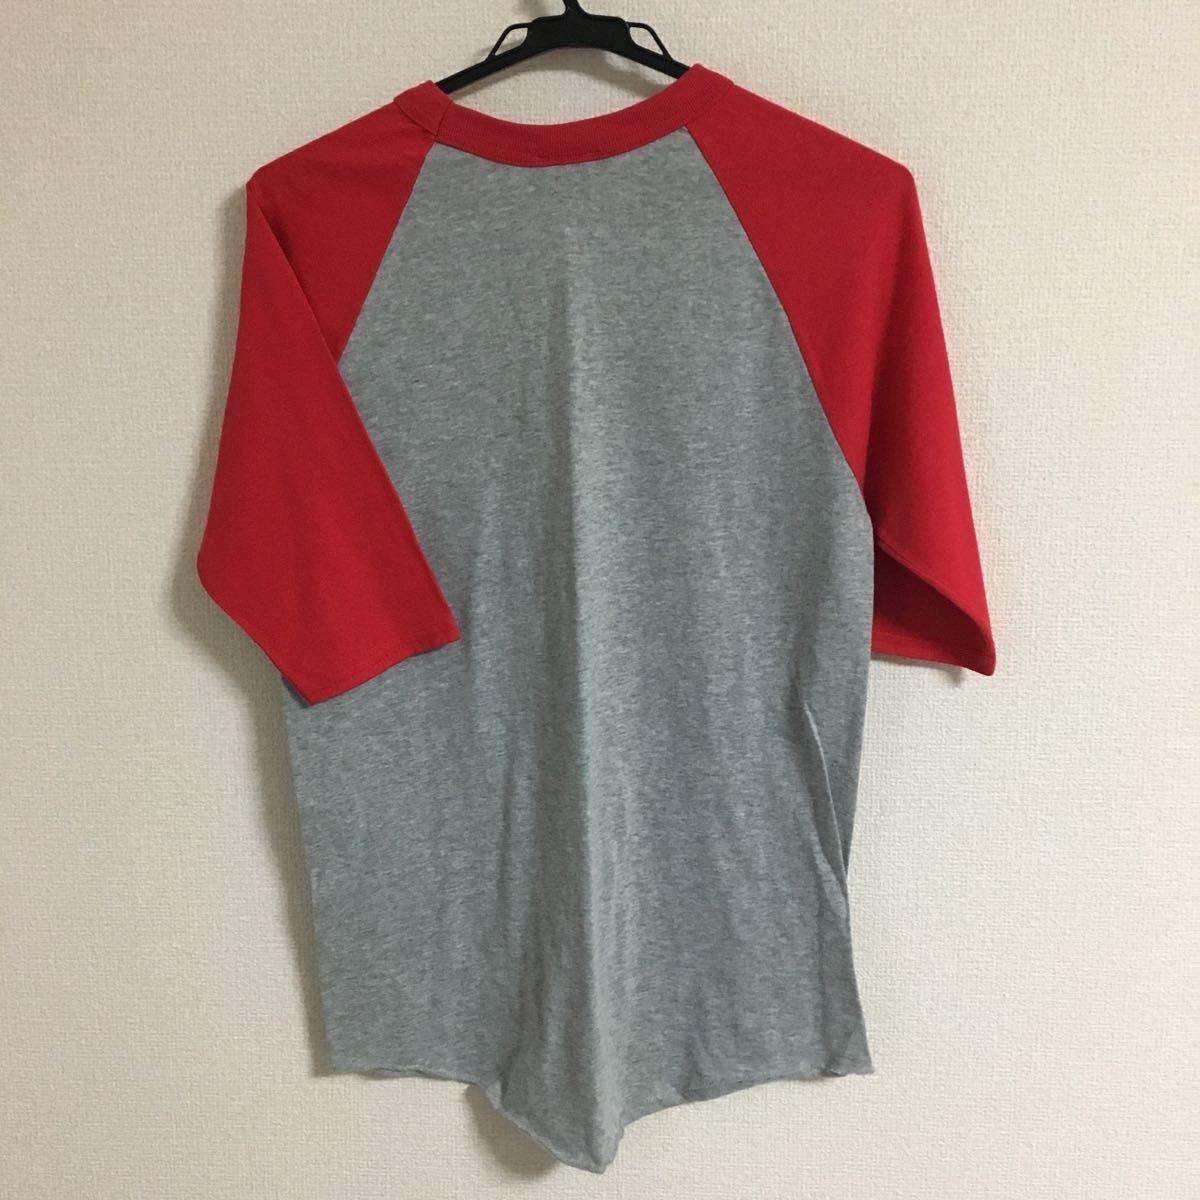 半袖Tシャツ MILK FED ミルクフェド S カットソー